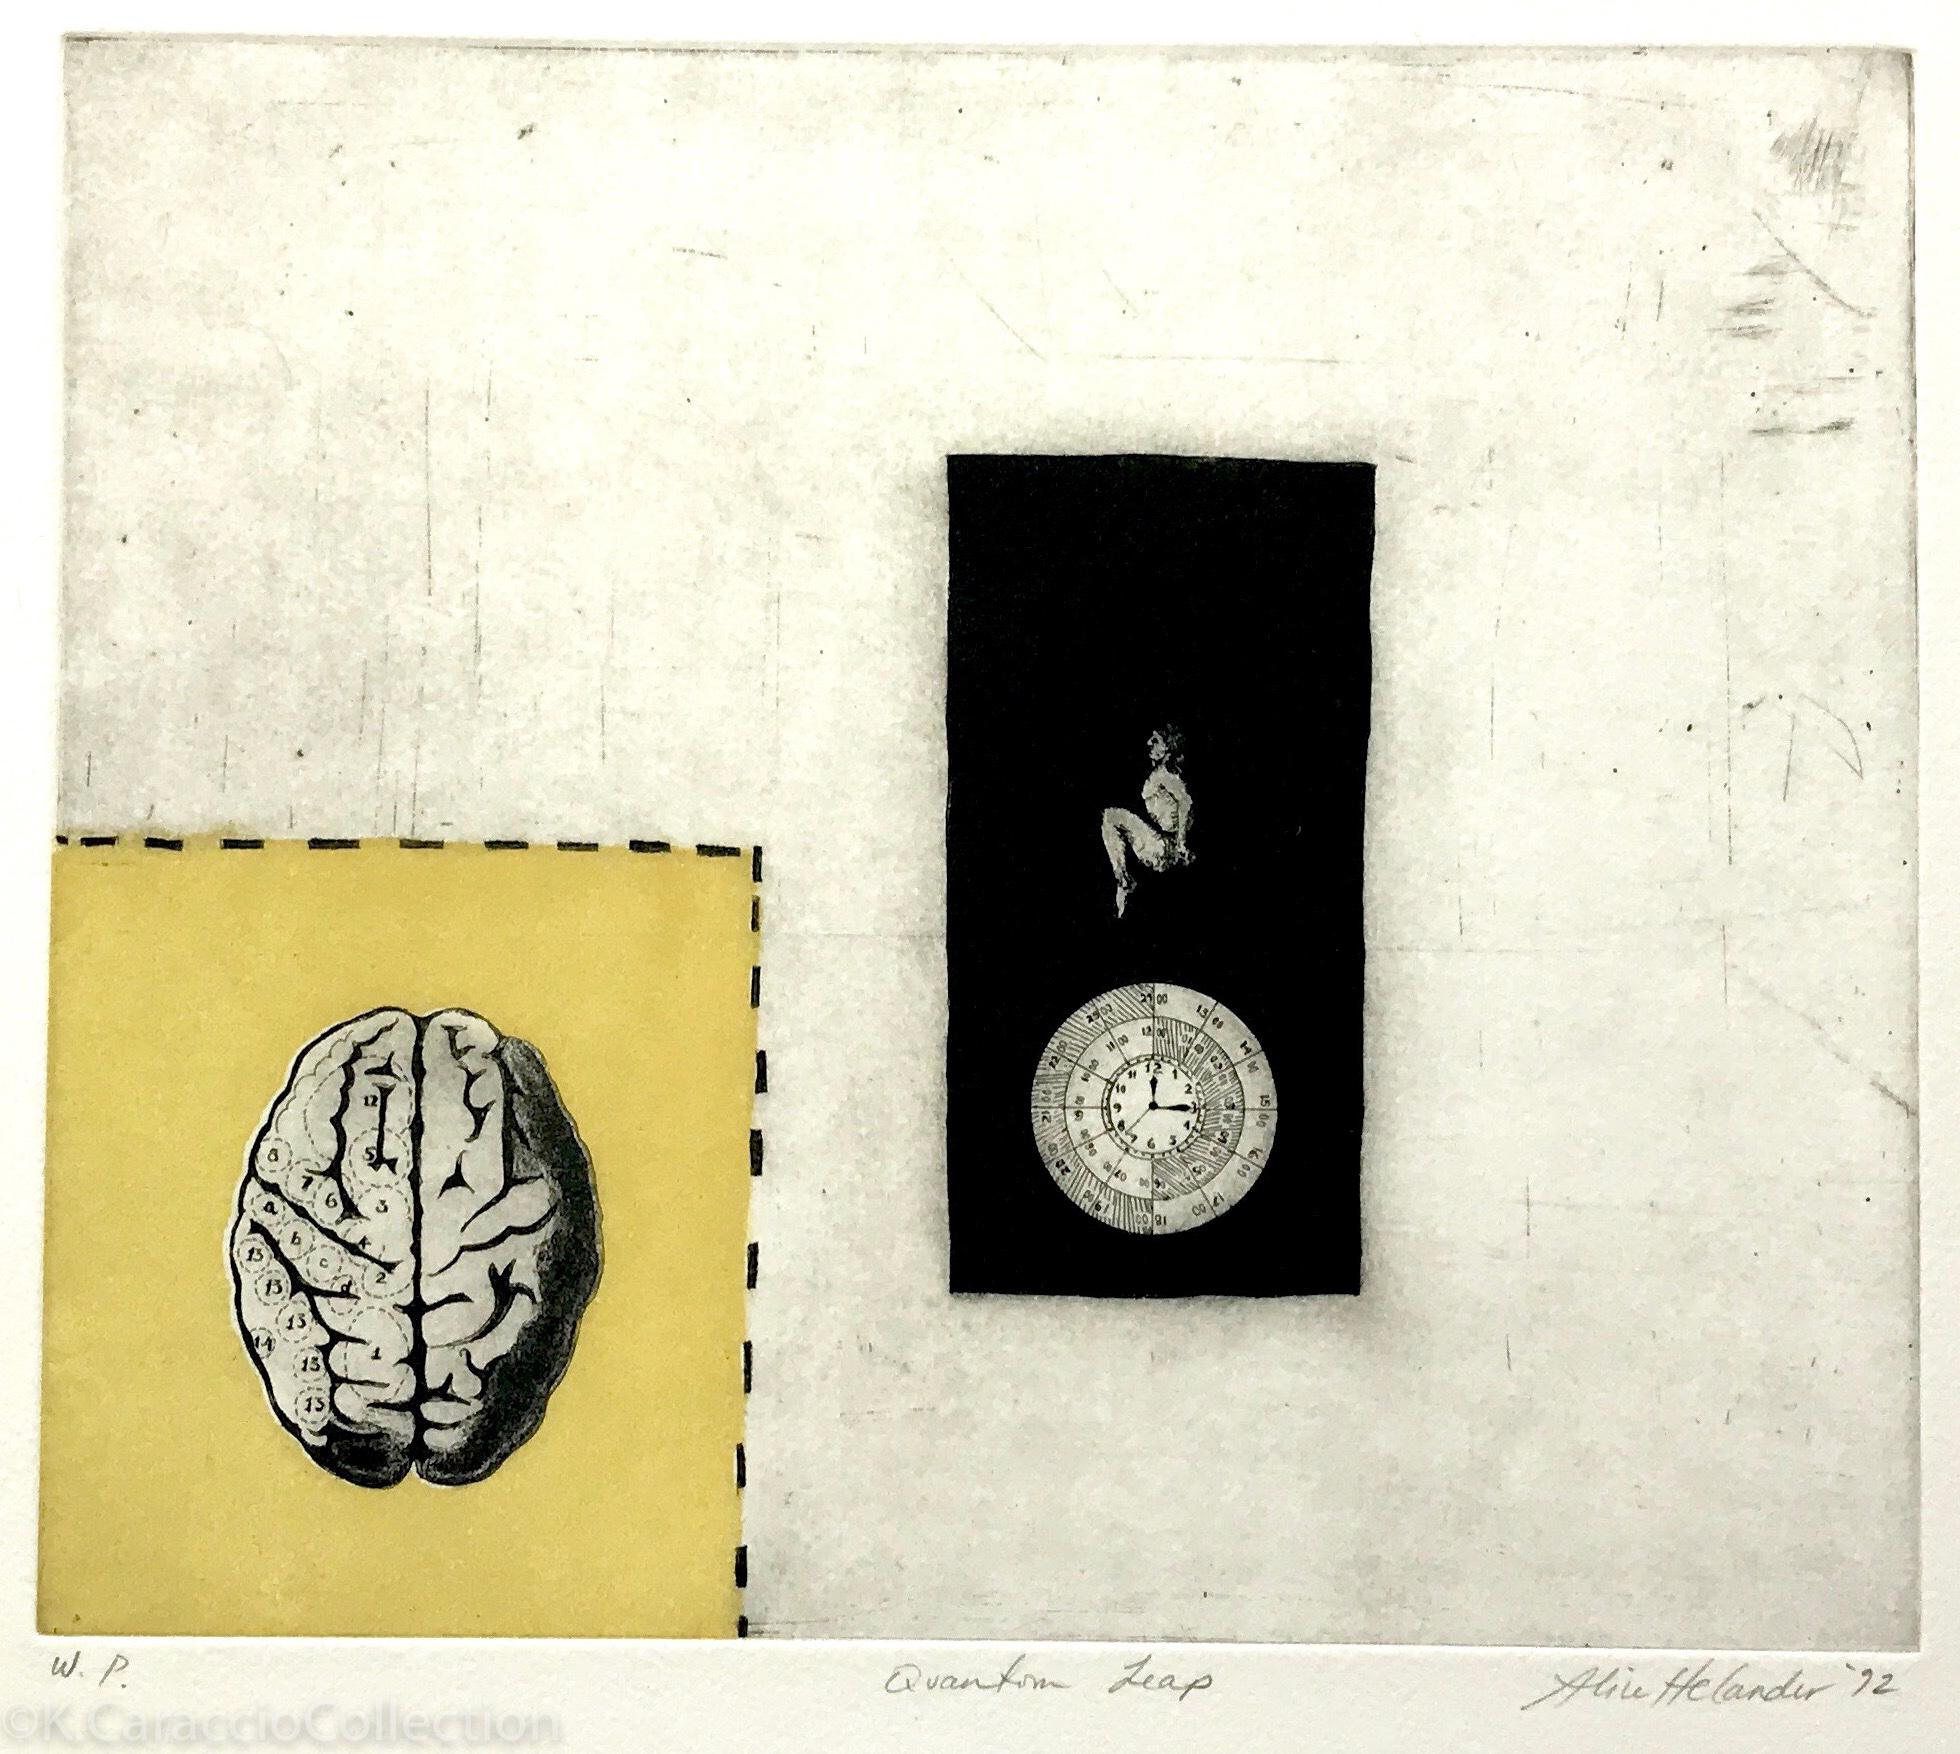 Quantum Leap, 1992